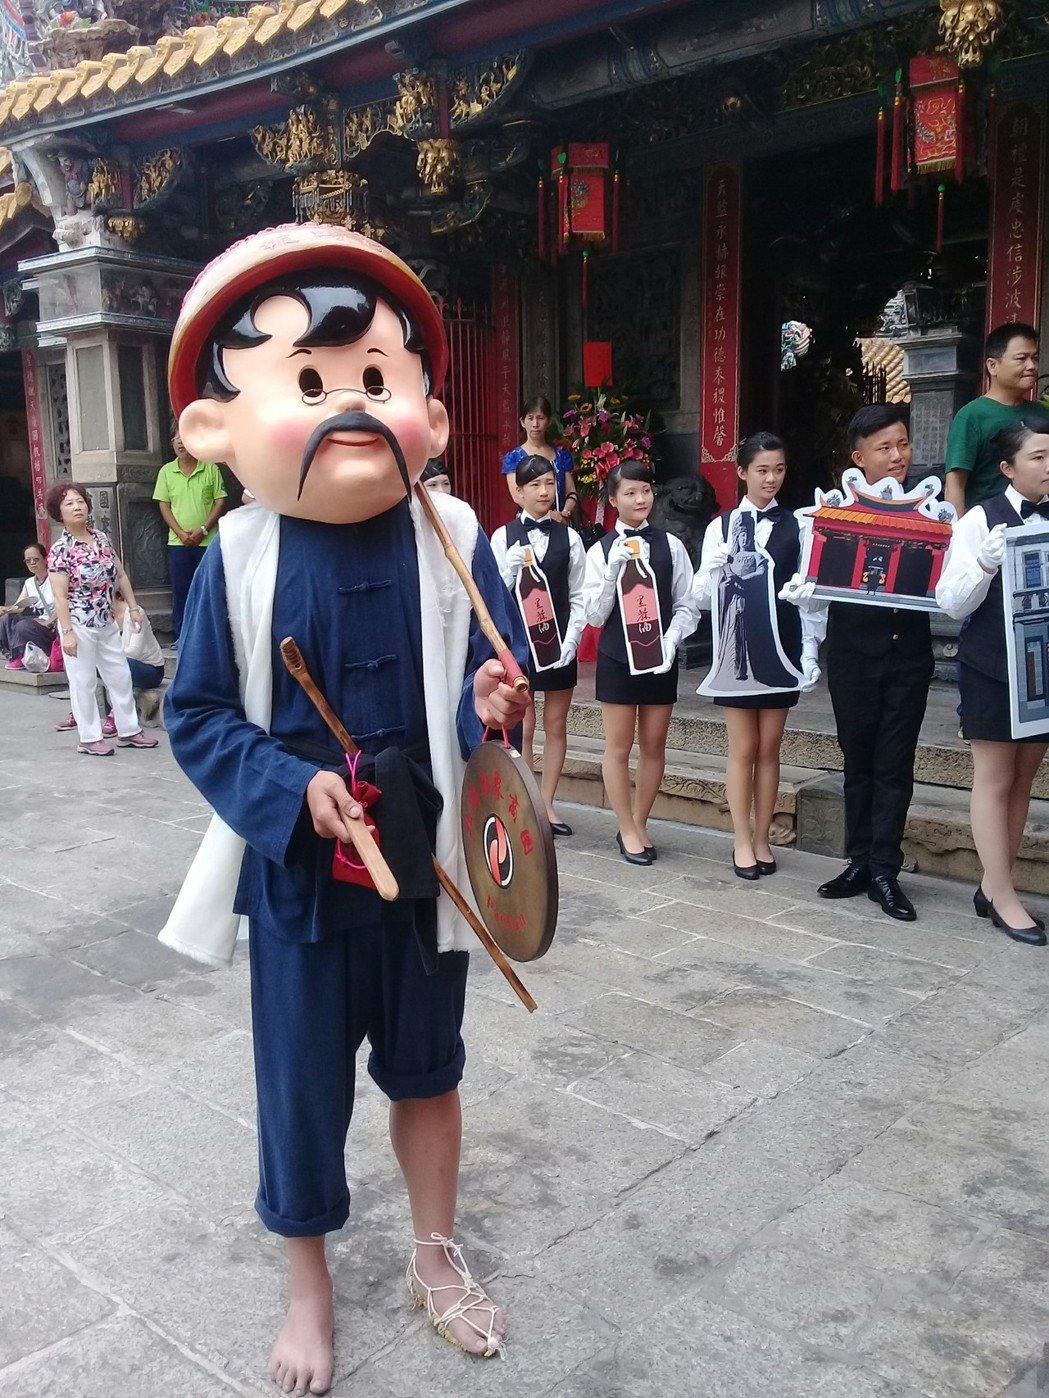 還有報馬仔帶領遊客暢遊北港古鎮,欣賞宗教古都之美。記者蔡維斌/攝影